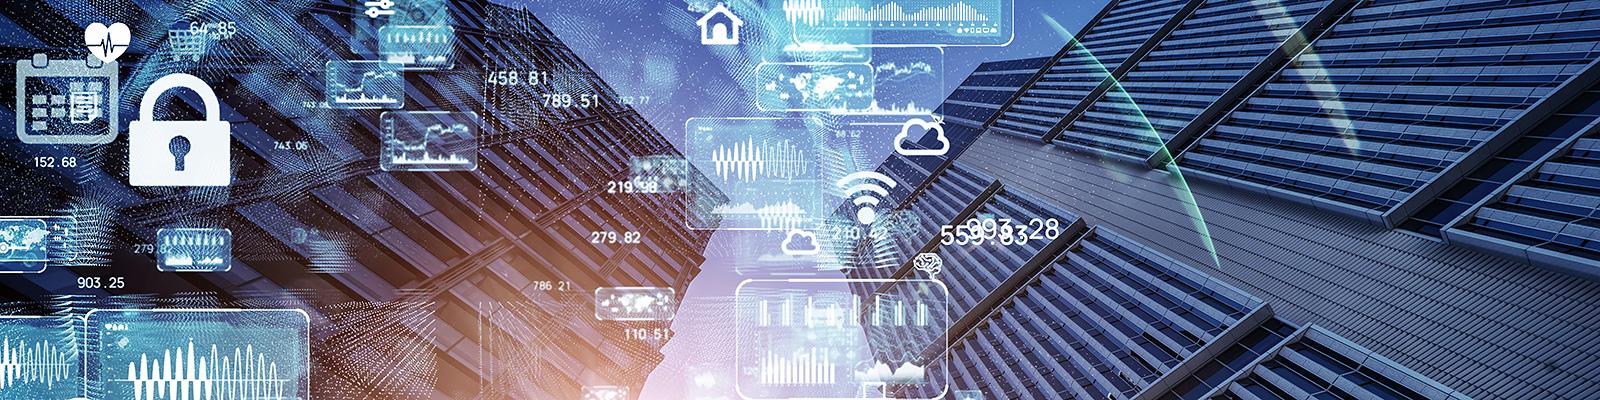 ビルディング ネットワーク セキュリティ イメージ